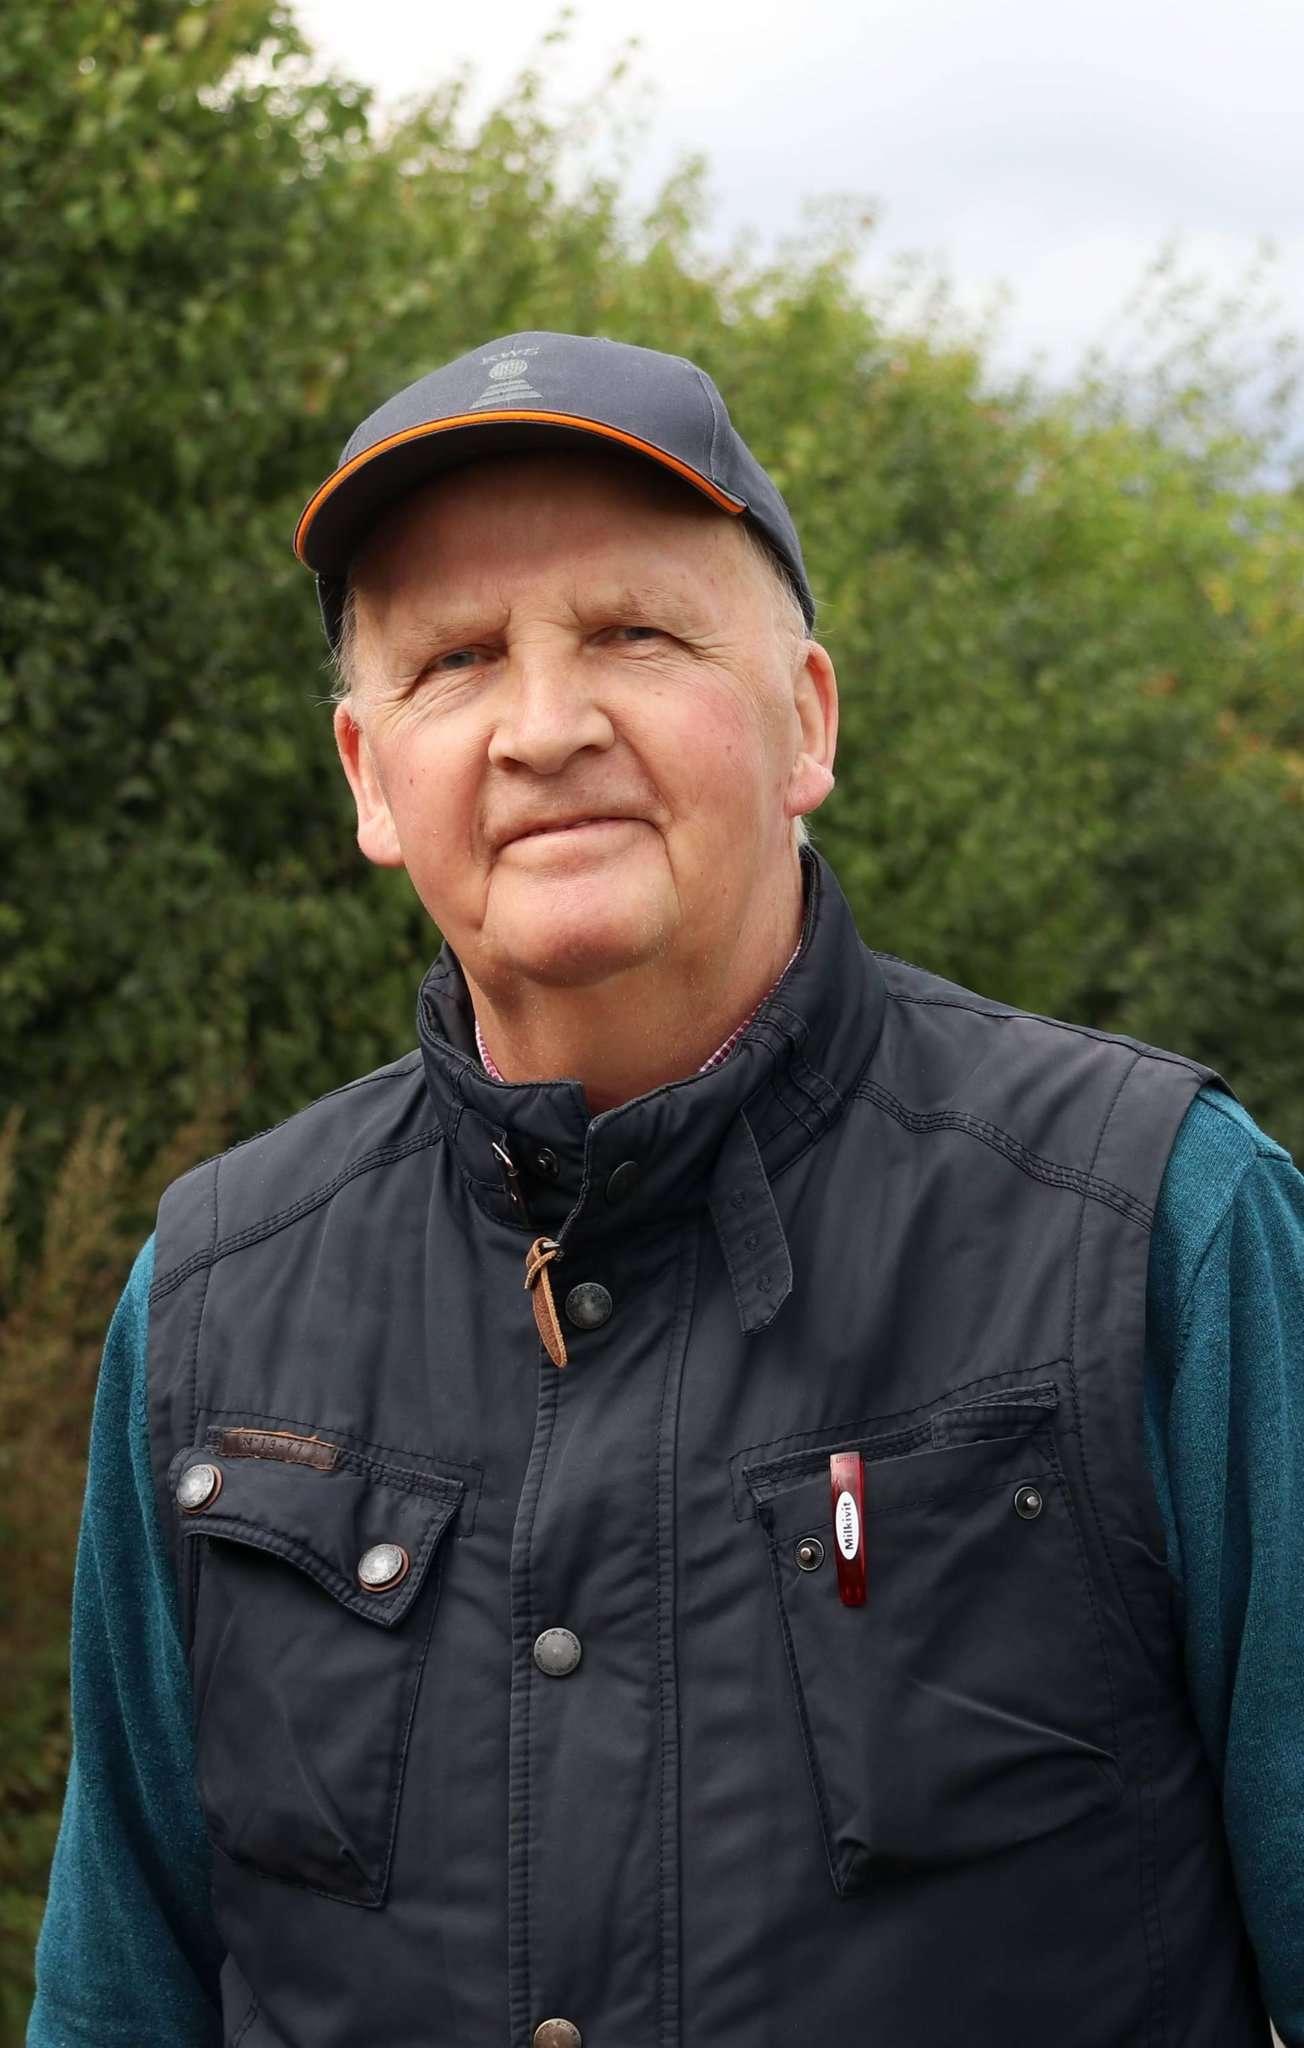 Hermann Rugen hat 30 Jahre lang für die CDU im Hassendorfer Gemeinderat gesessen: Als Wegemeister war ihm unter anderem die Pflege der Hecken wichtig.